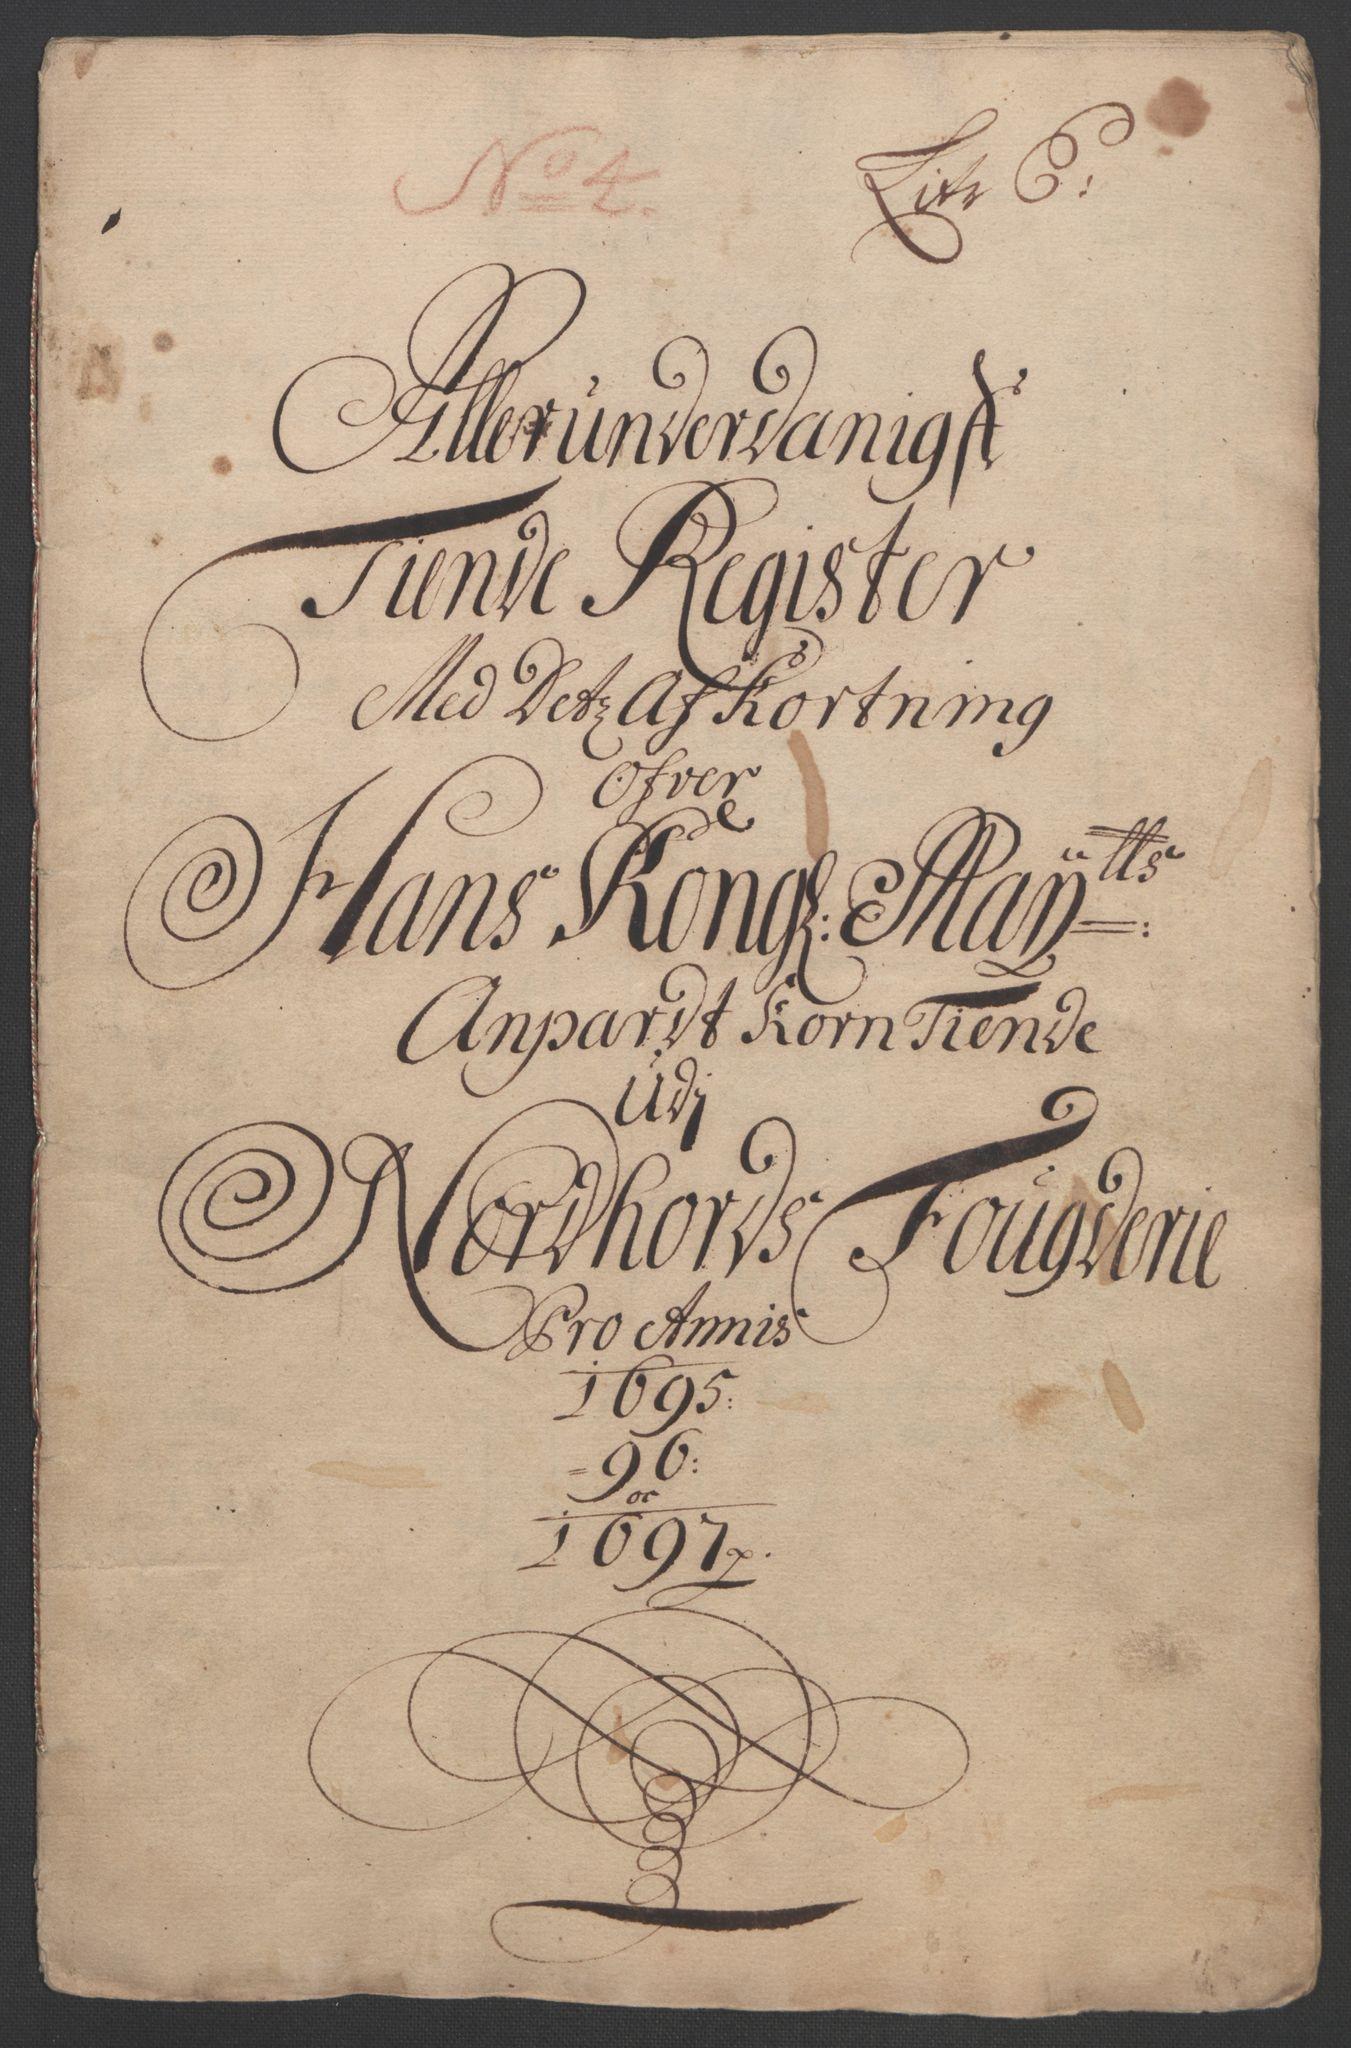 RA, Rentekammeret inntil 1814, Reviderte regnskaper, Fogderegnskap, R51/L3183: Fogderegnskap Nordhordland og Voss, 1695-1697, s. 442